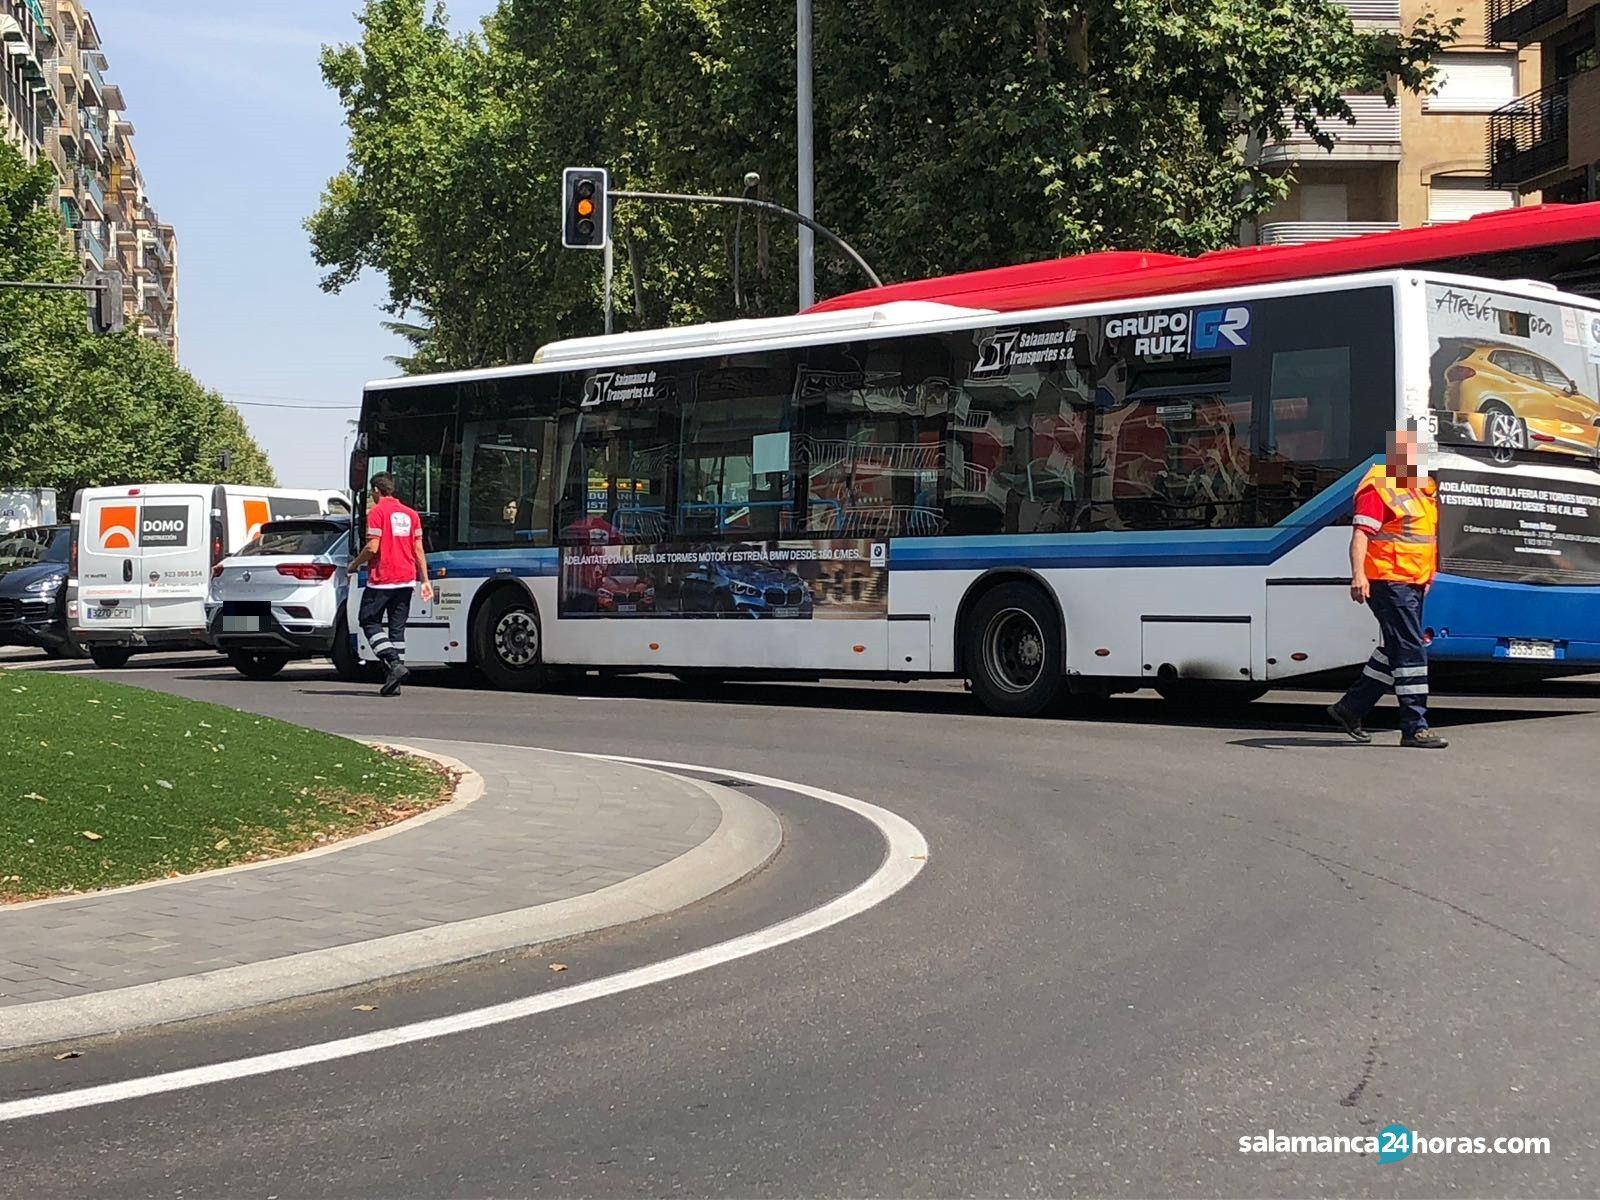 Accidente Autobús Coche rotonda UDS (3)